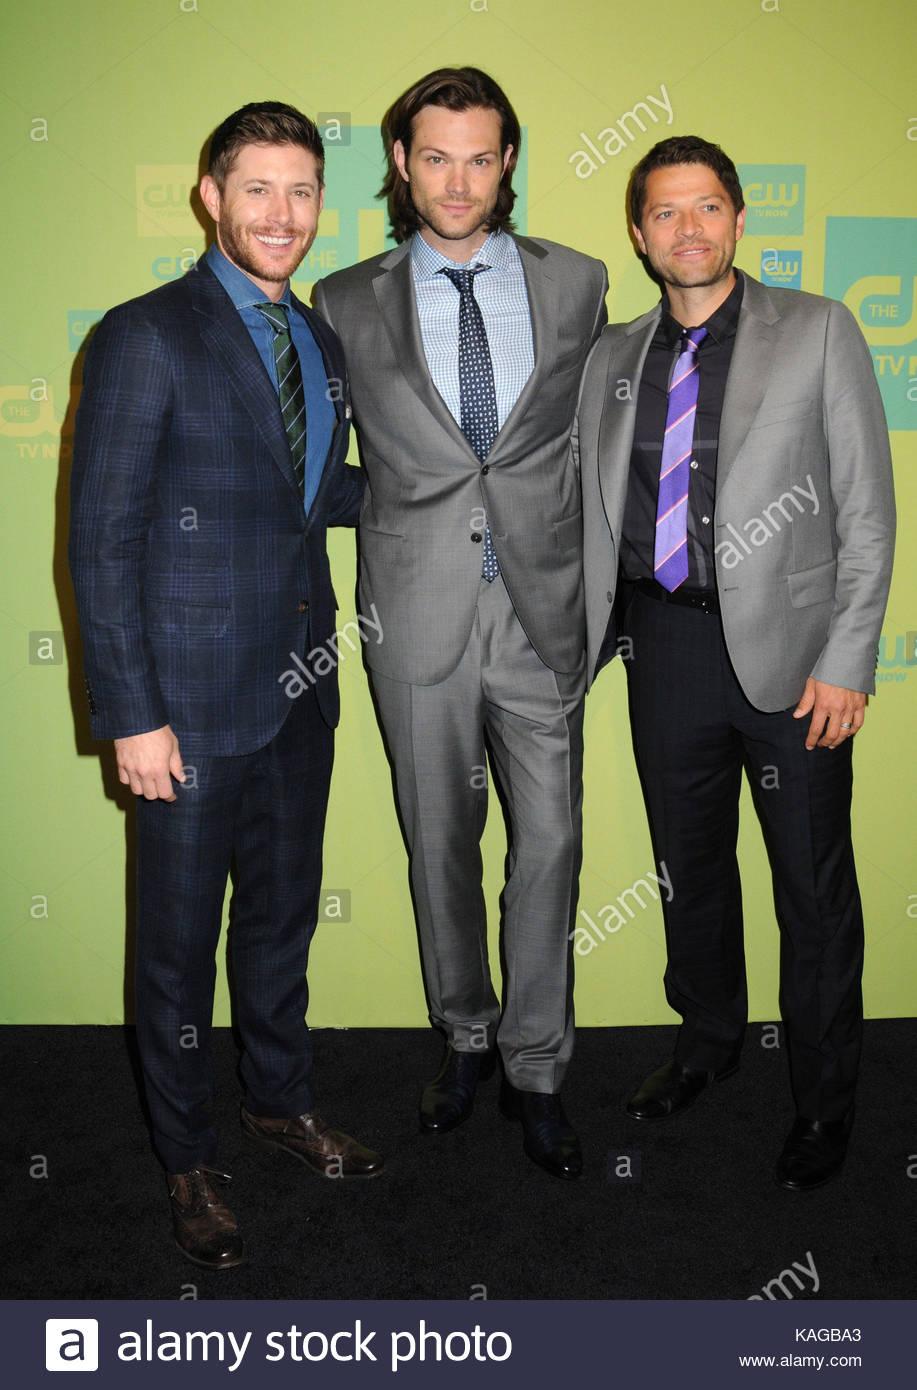 Jensen Ackles Jared Padalecki Et Misha Collins Les Acteurs Arrivent Pour La Cw Upfront 2014 Tenue A Lhotel London Passage Couvert New York